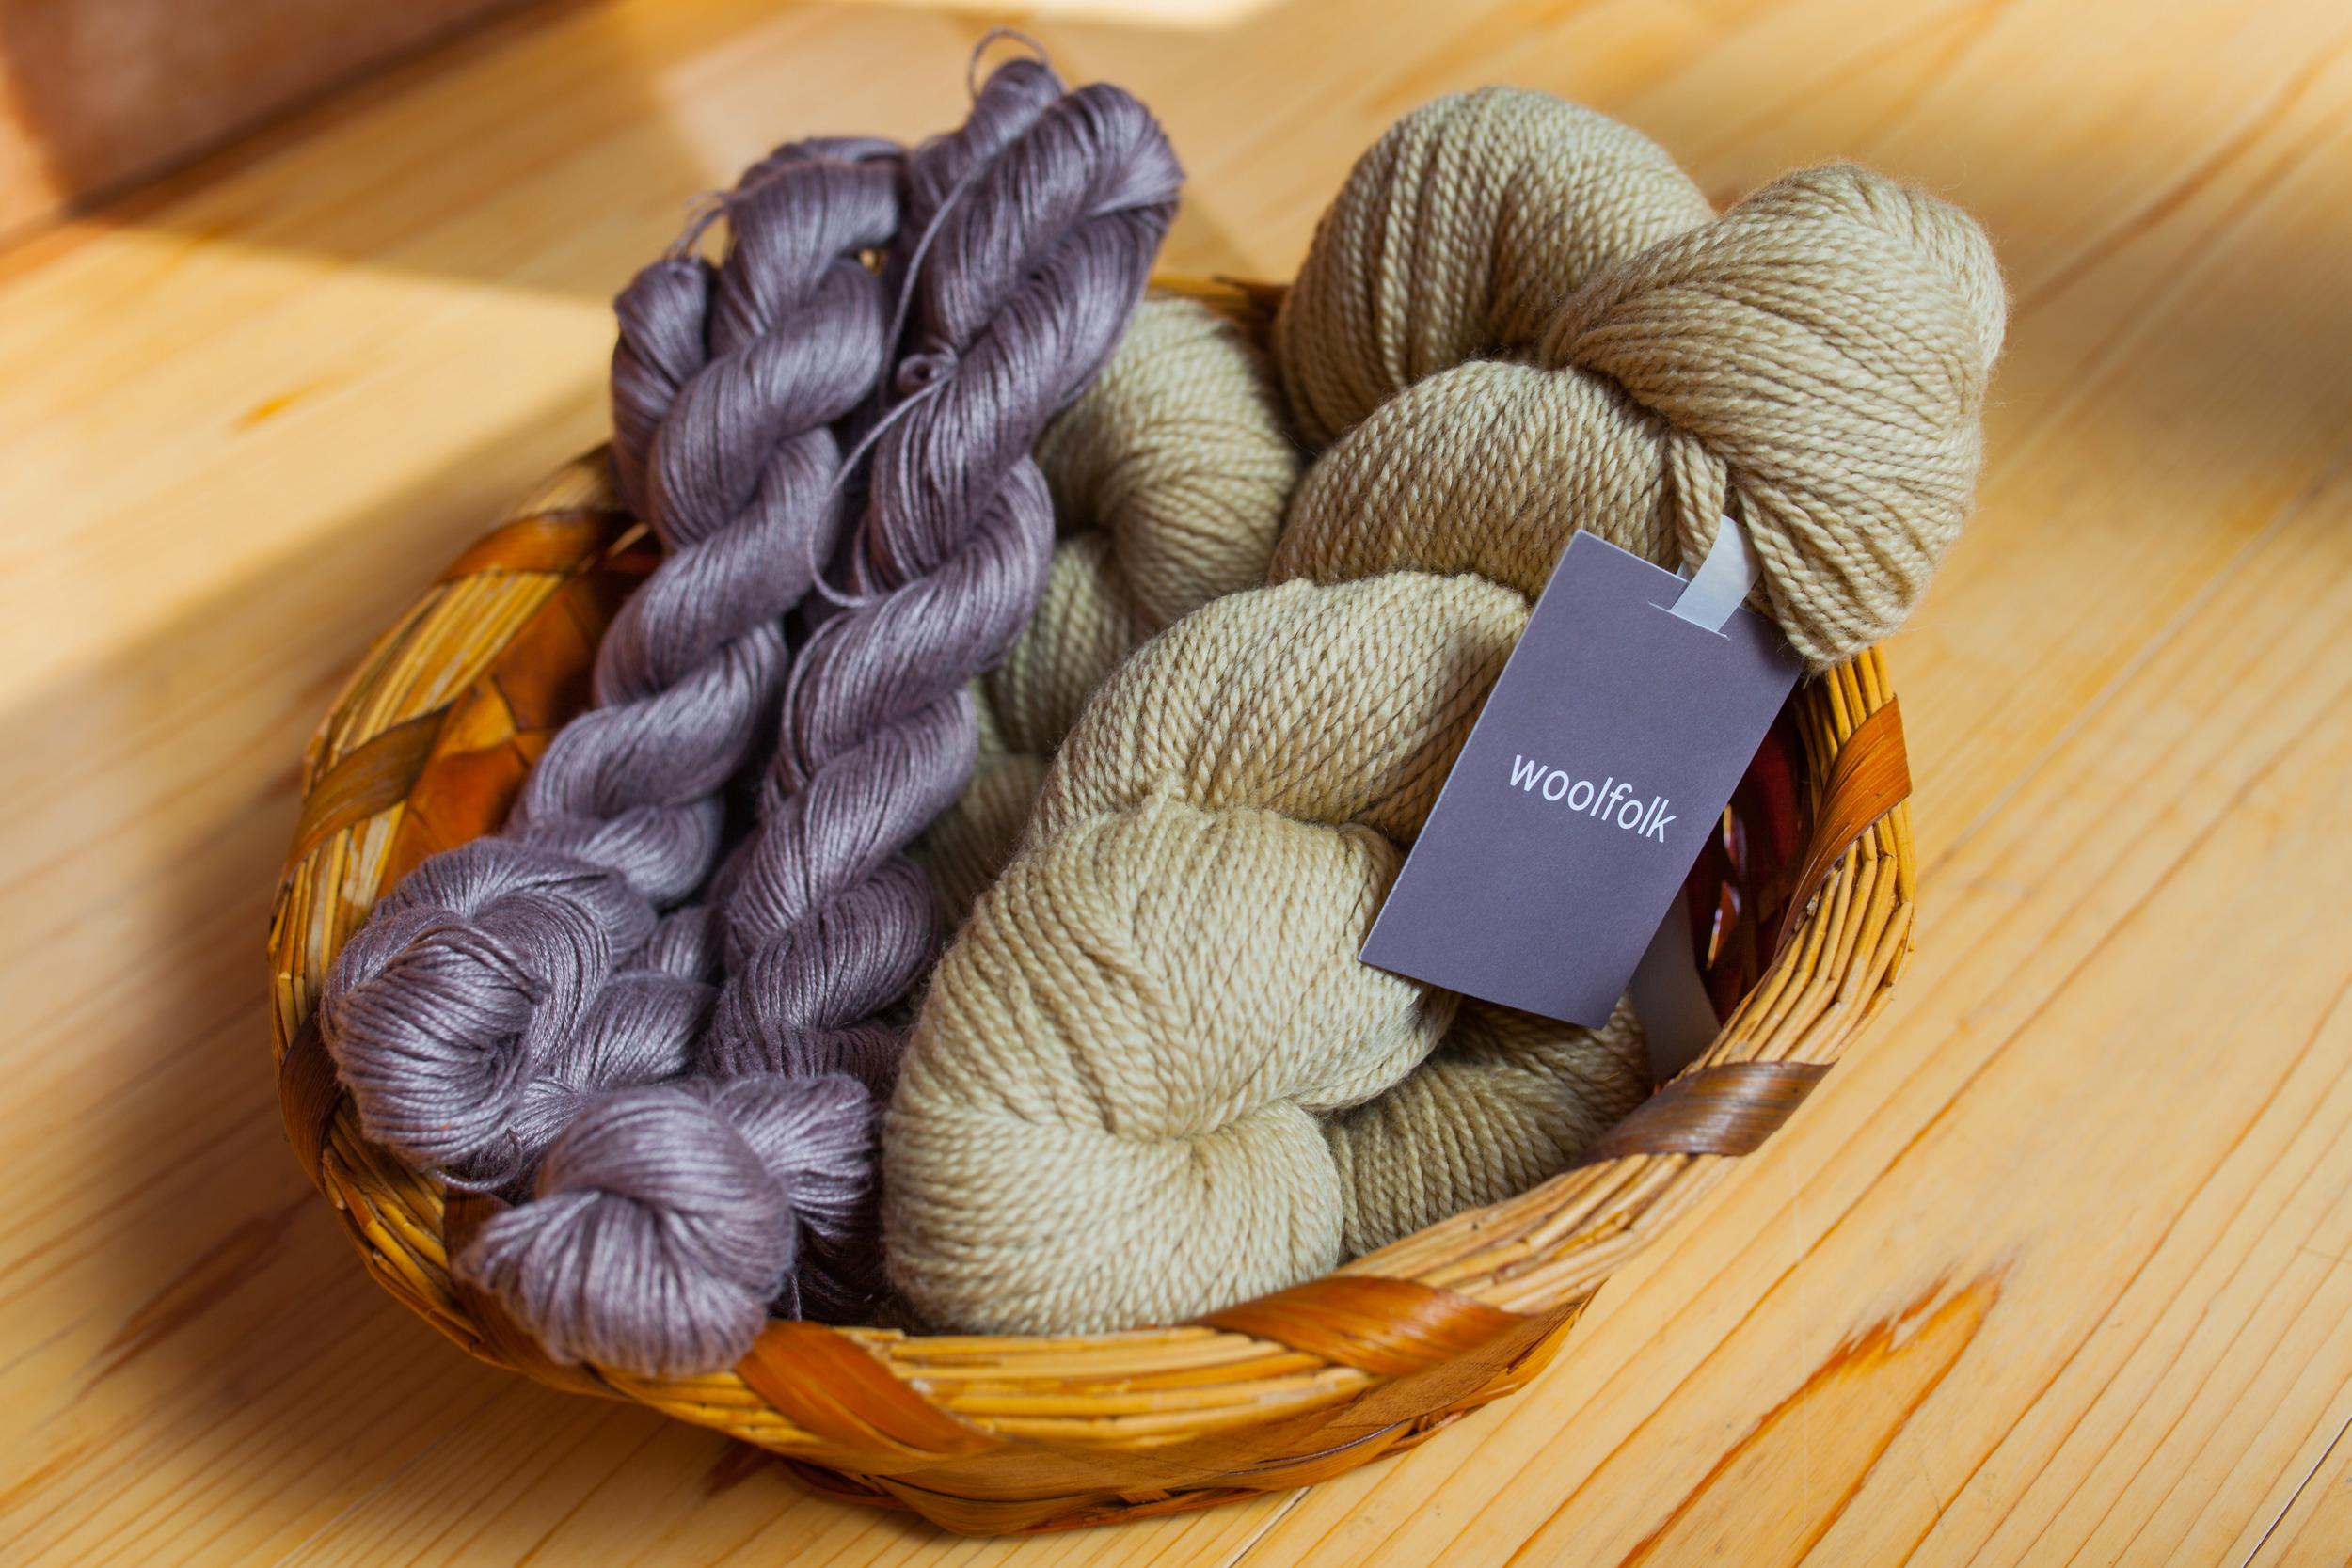 A yummy batch of yarn